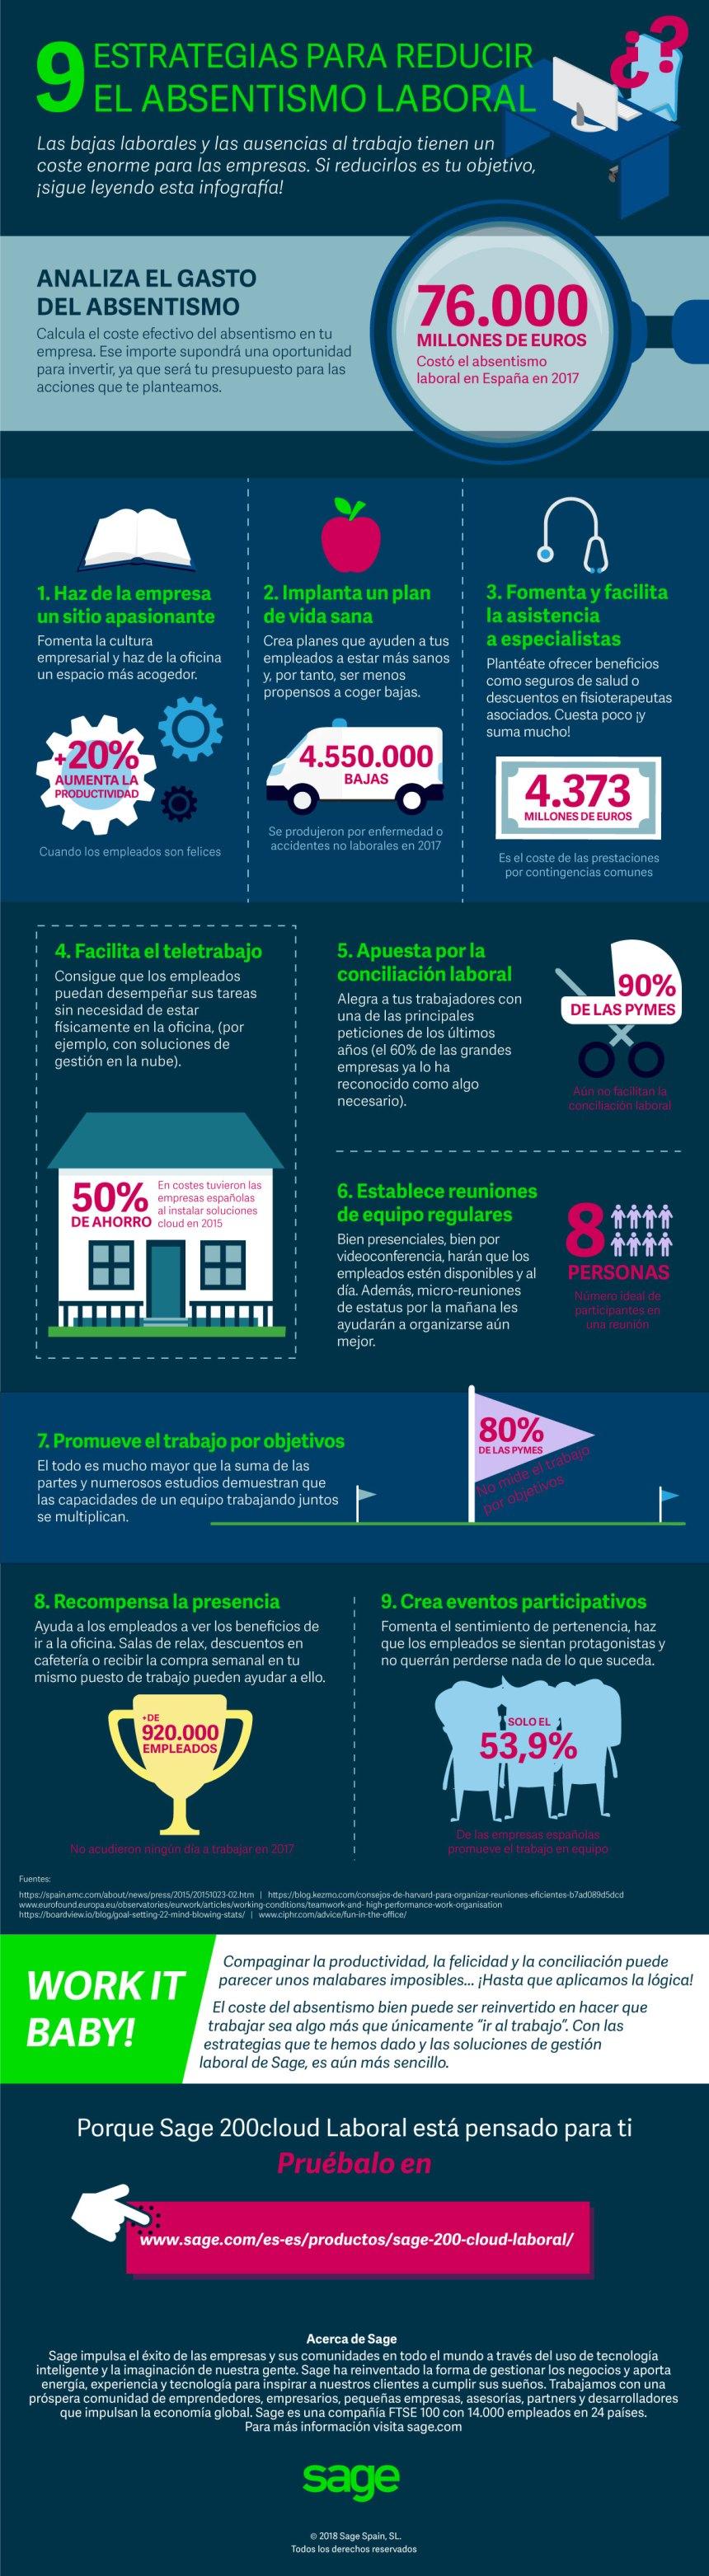 9 estrategias para reducir el absentismo laboral